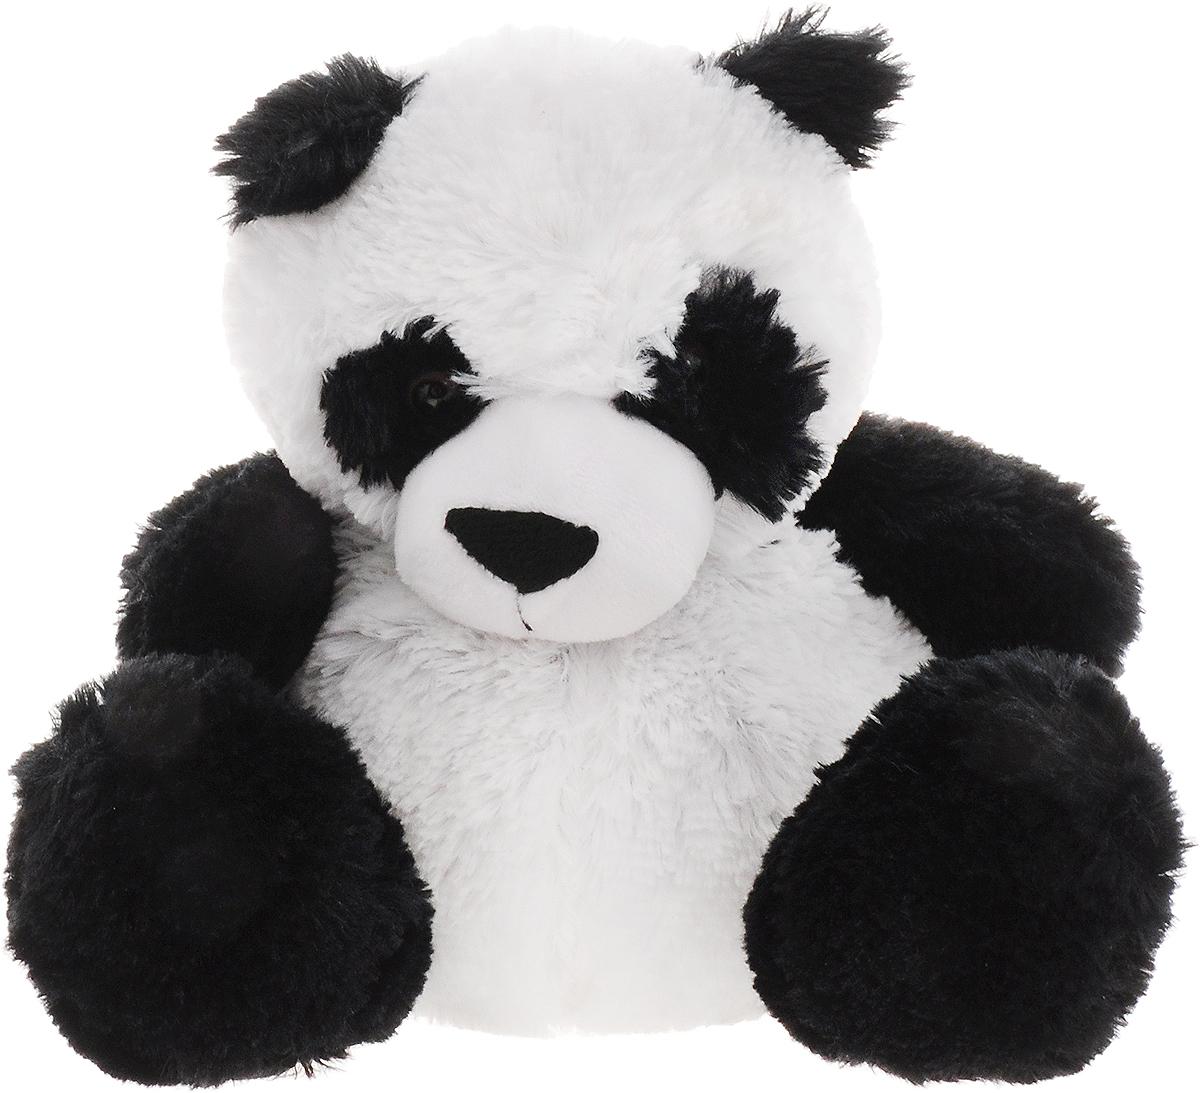 Warmies Мягкая игрушка-грелка Панда цвет белый черный грелки warmies cozy plush игрушка грелка дракон